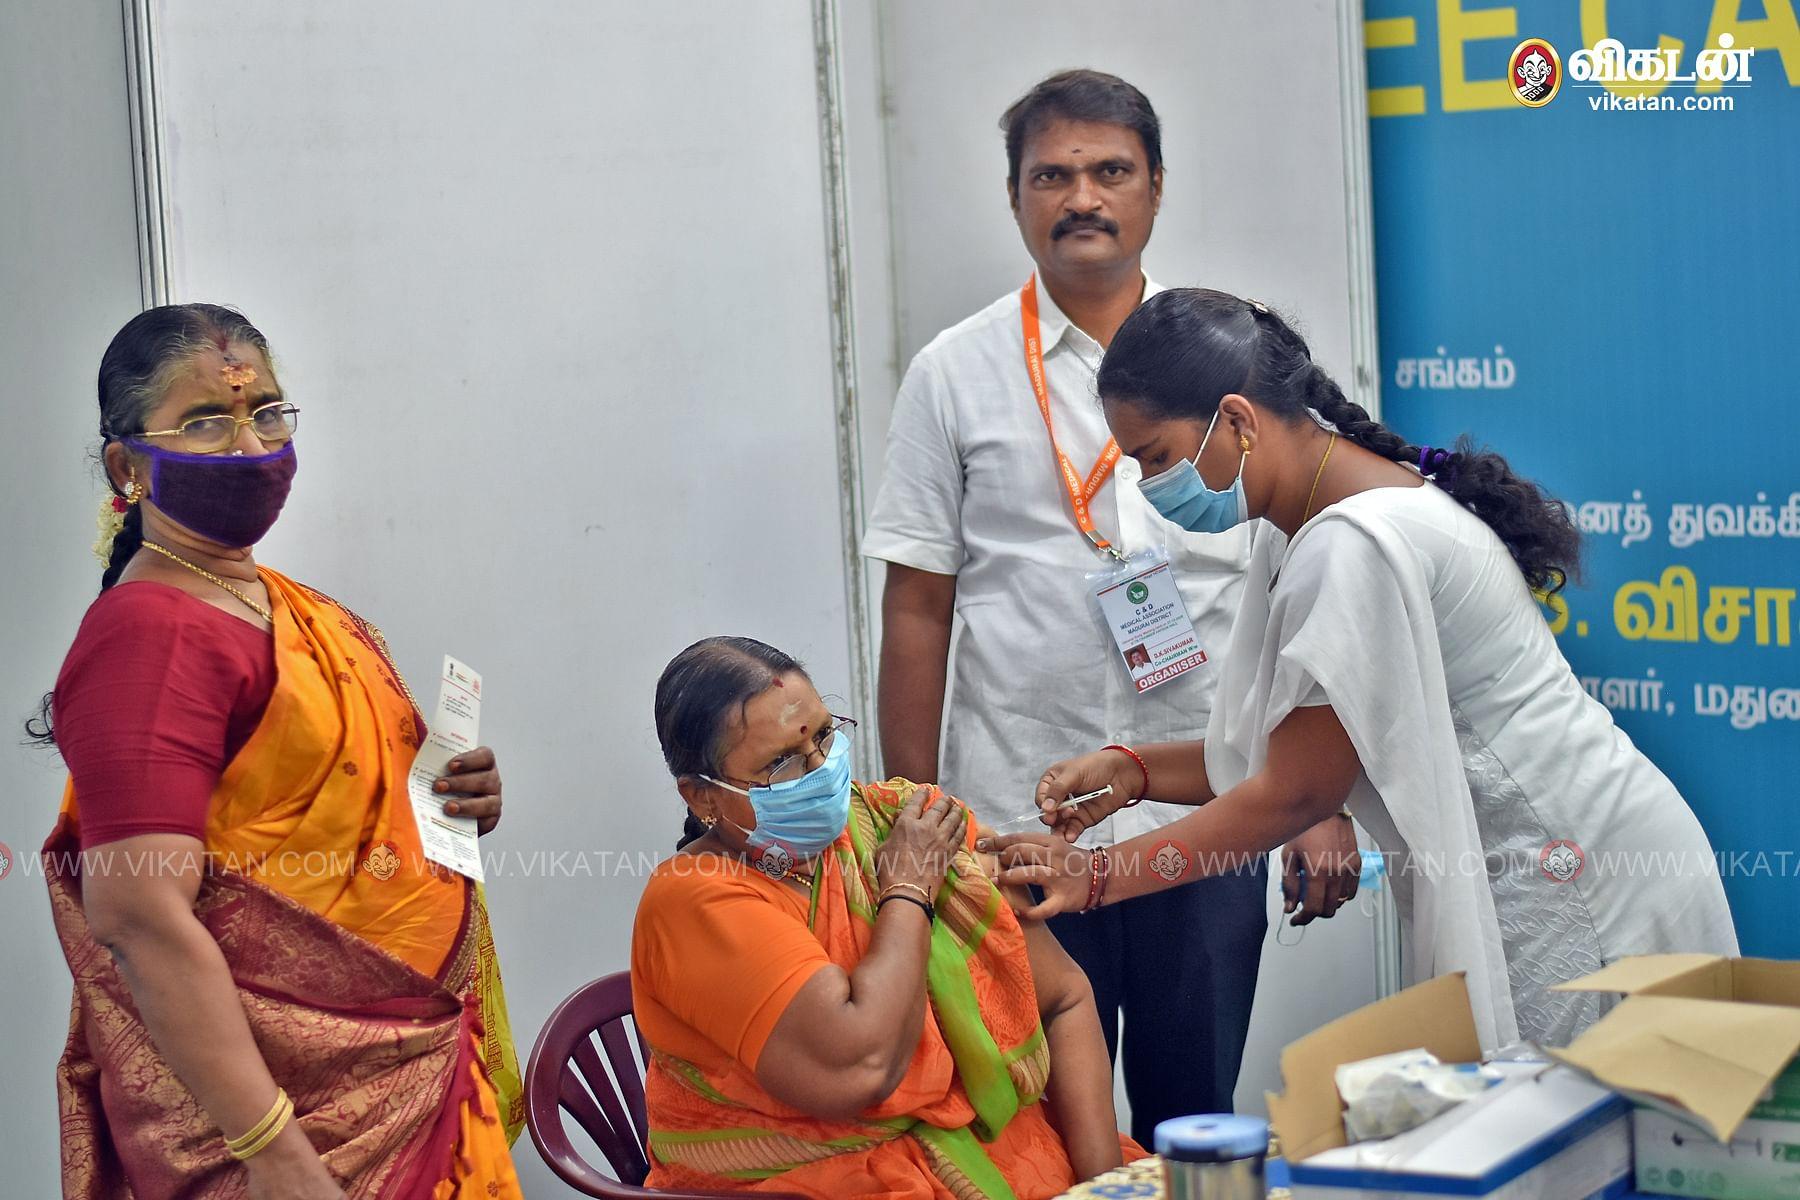 DSC 5409 Tamil News Spot